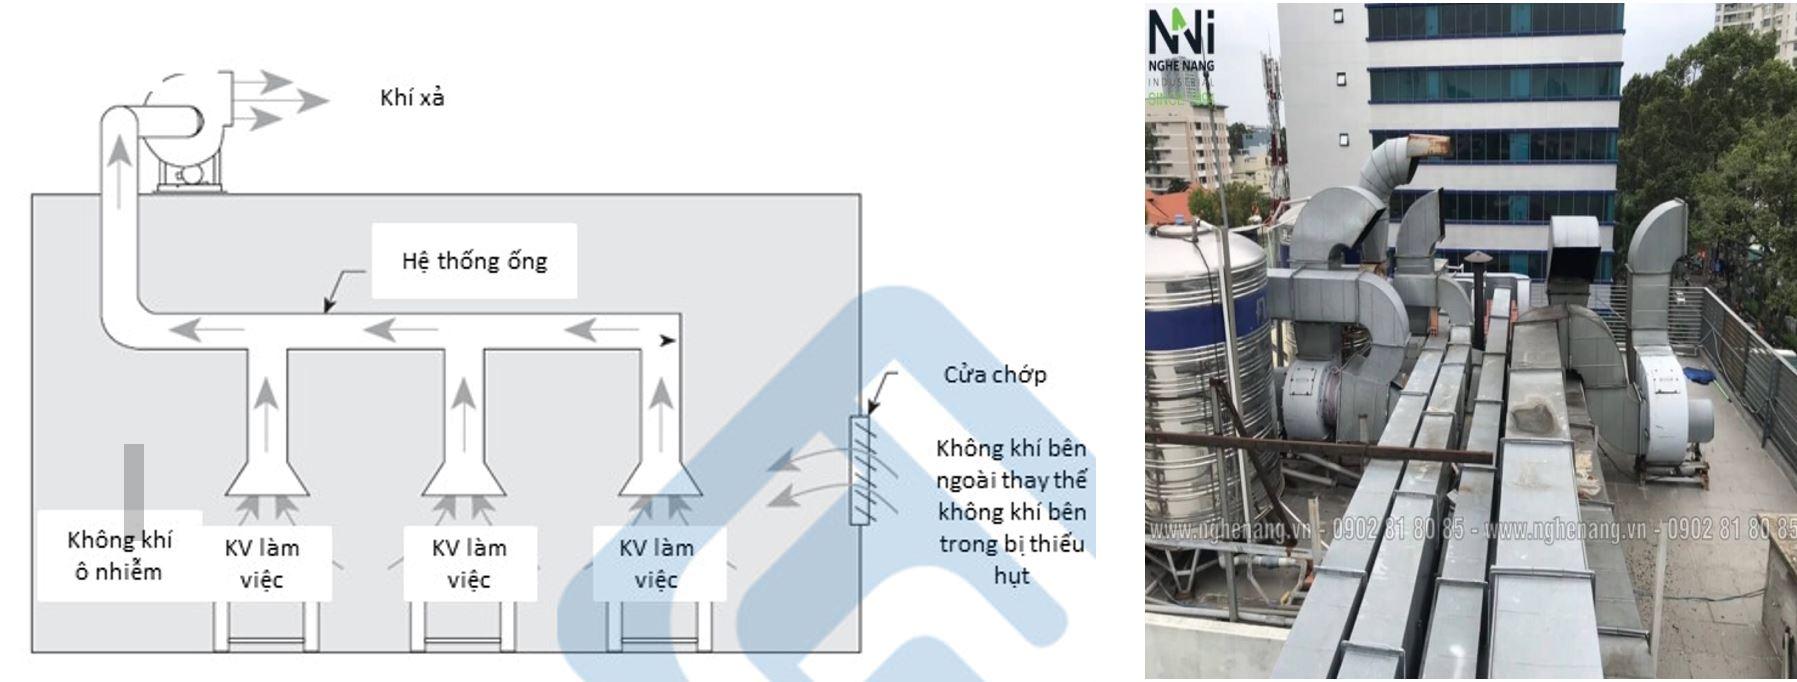 Sơ đồ hệ thống cấp khí theo tập trun theo trục đứng với cửa thoát khí trên mái cho không gian văn phòng làm việc tòa nhà văn phòng cao tầng (nguồn: sưu tầm)